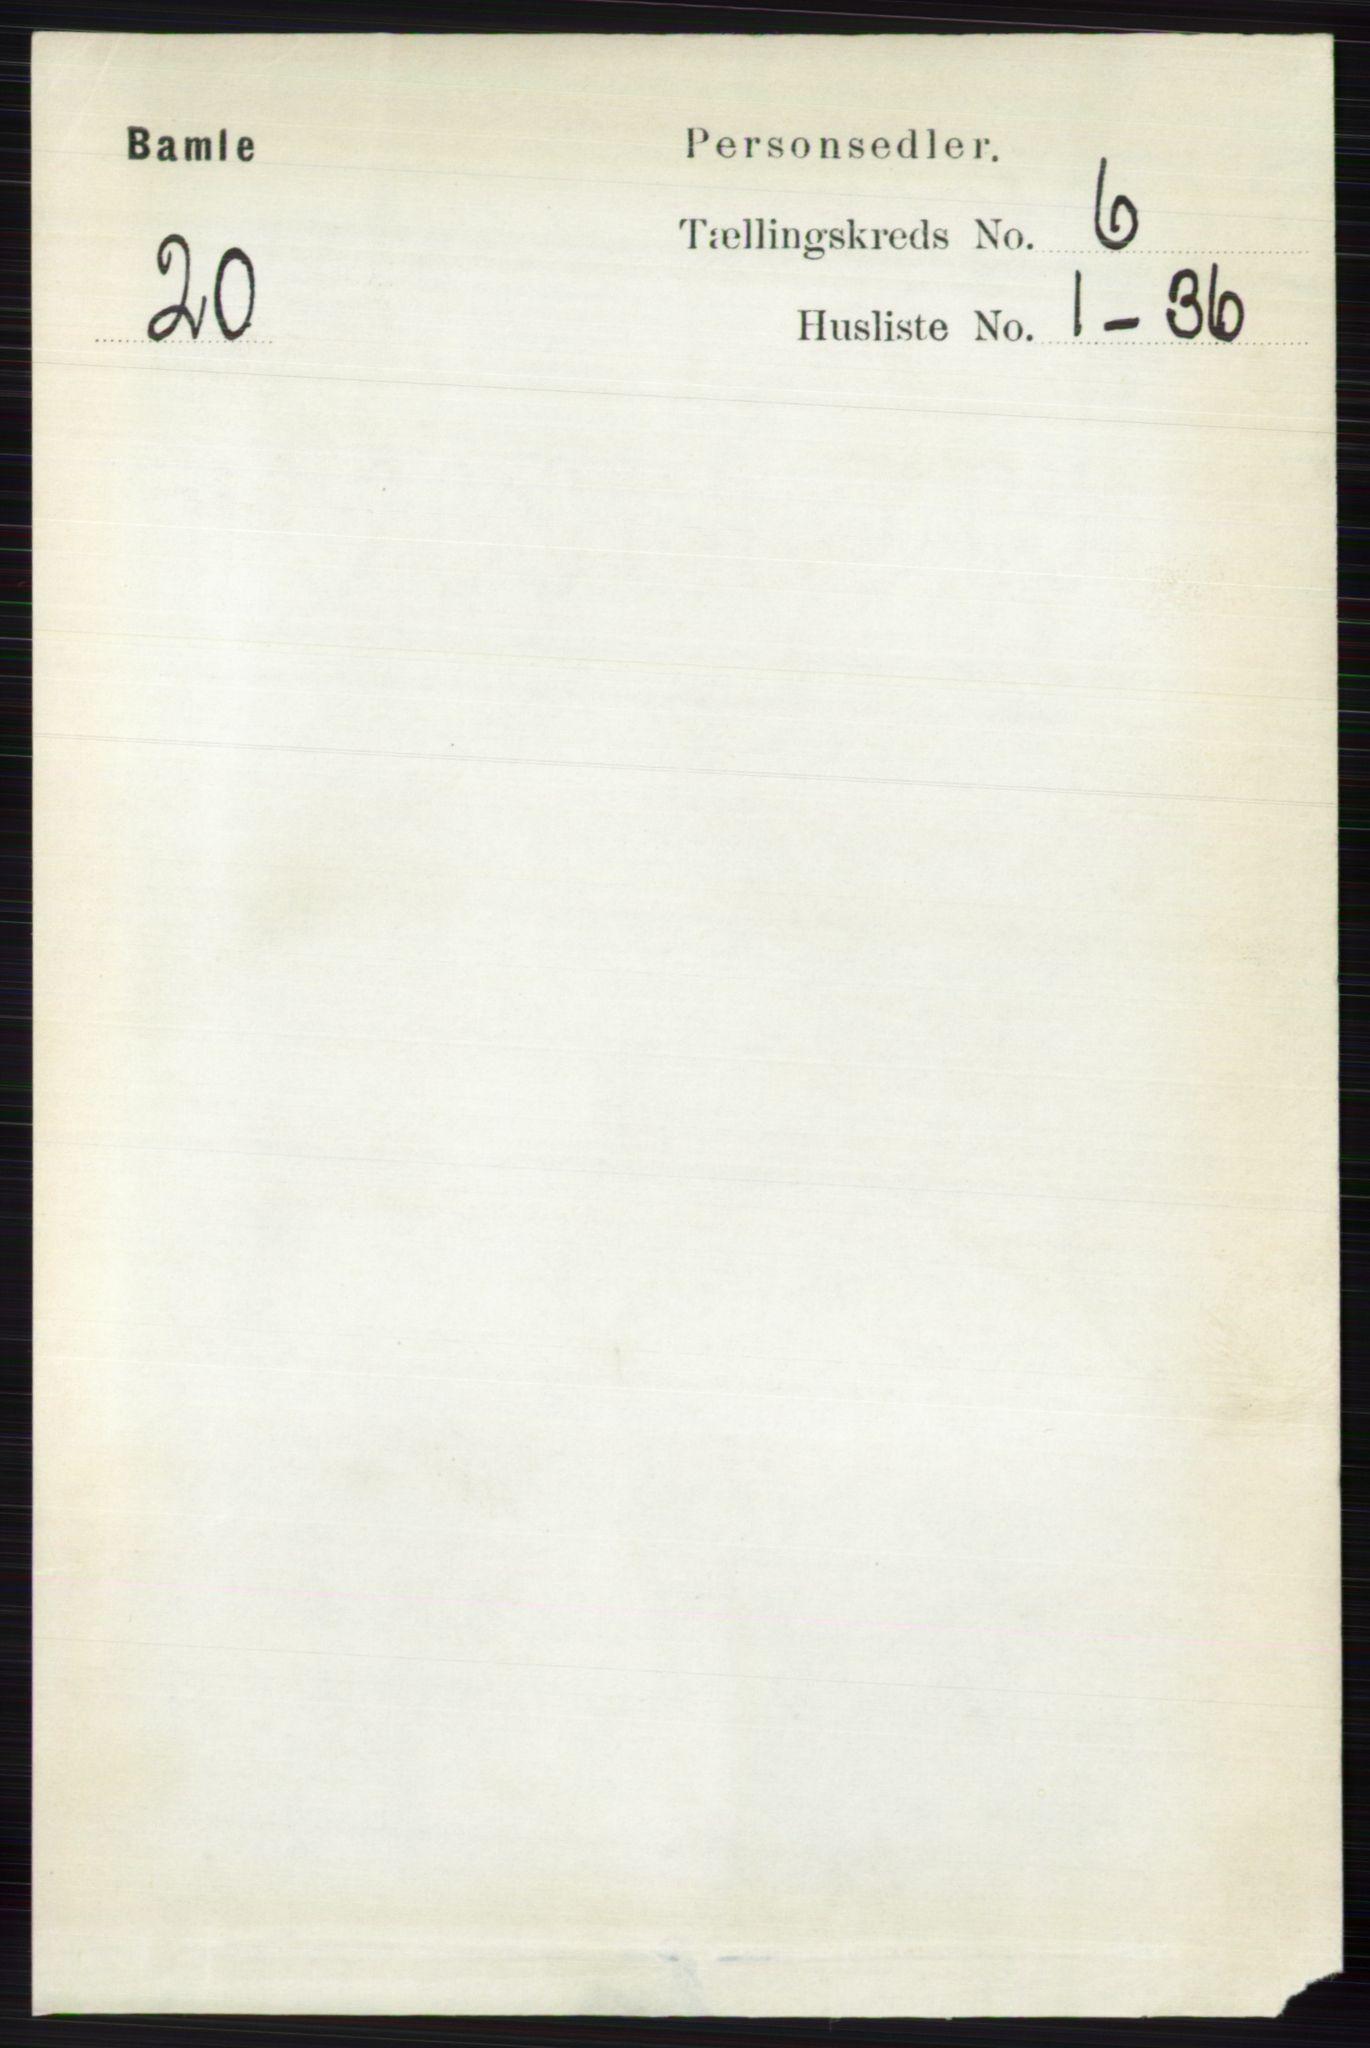 RA, Folketelling 1891 for 0814 Bamble herred, 1891, s. 2693